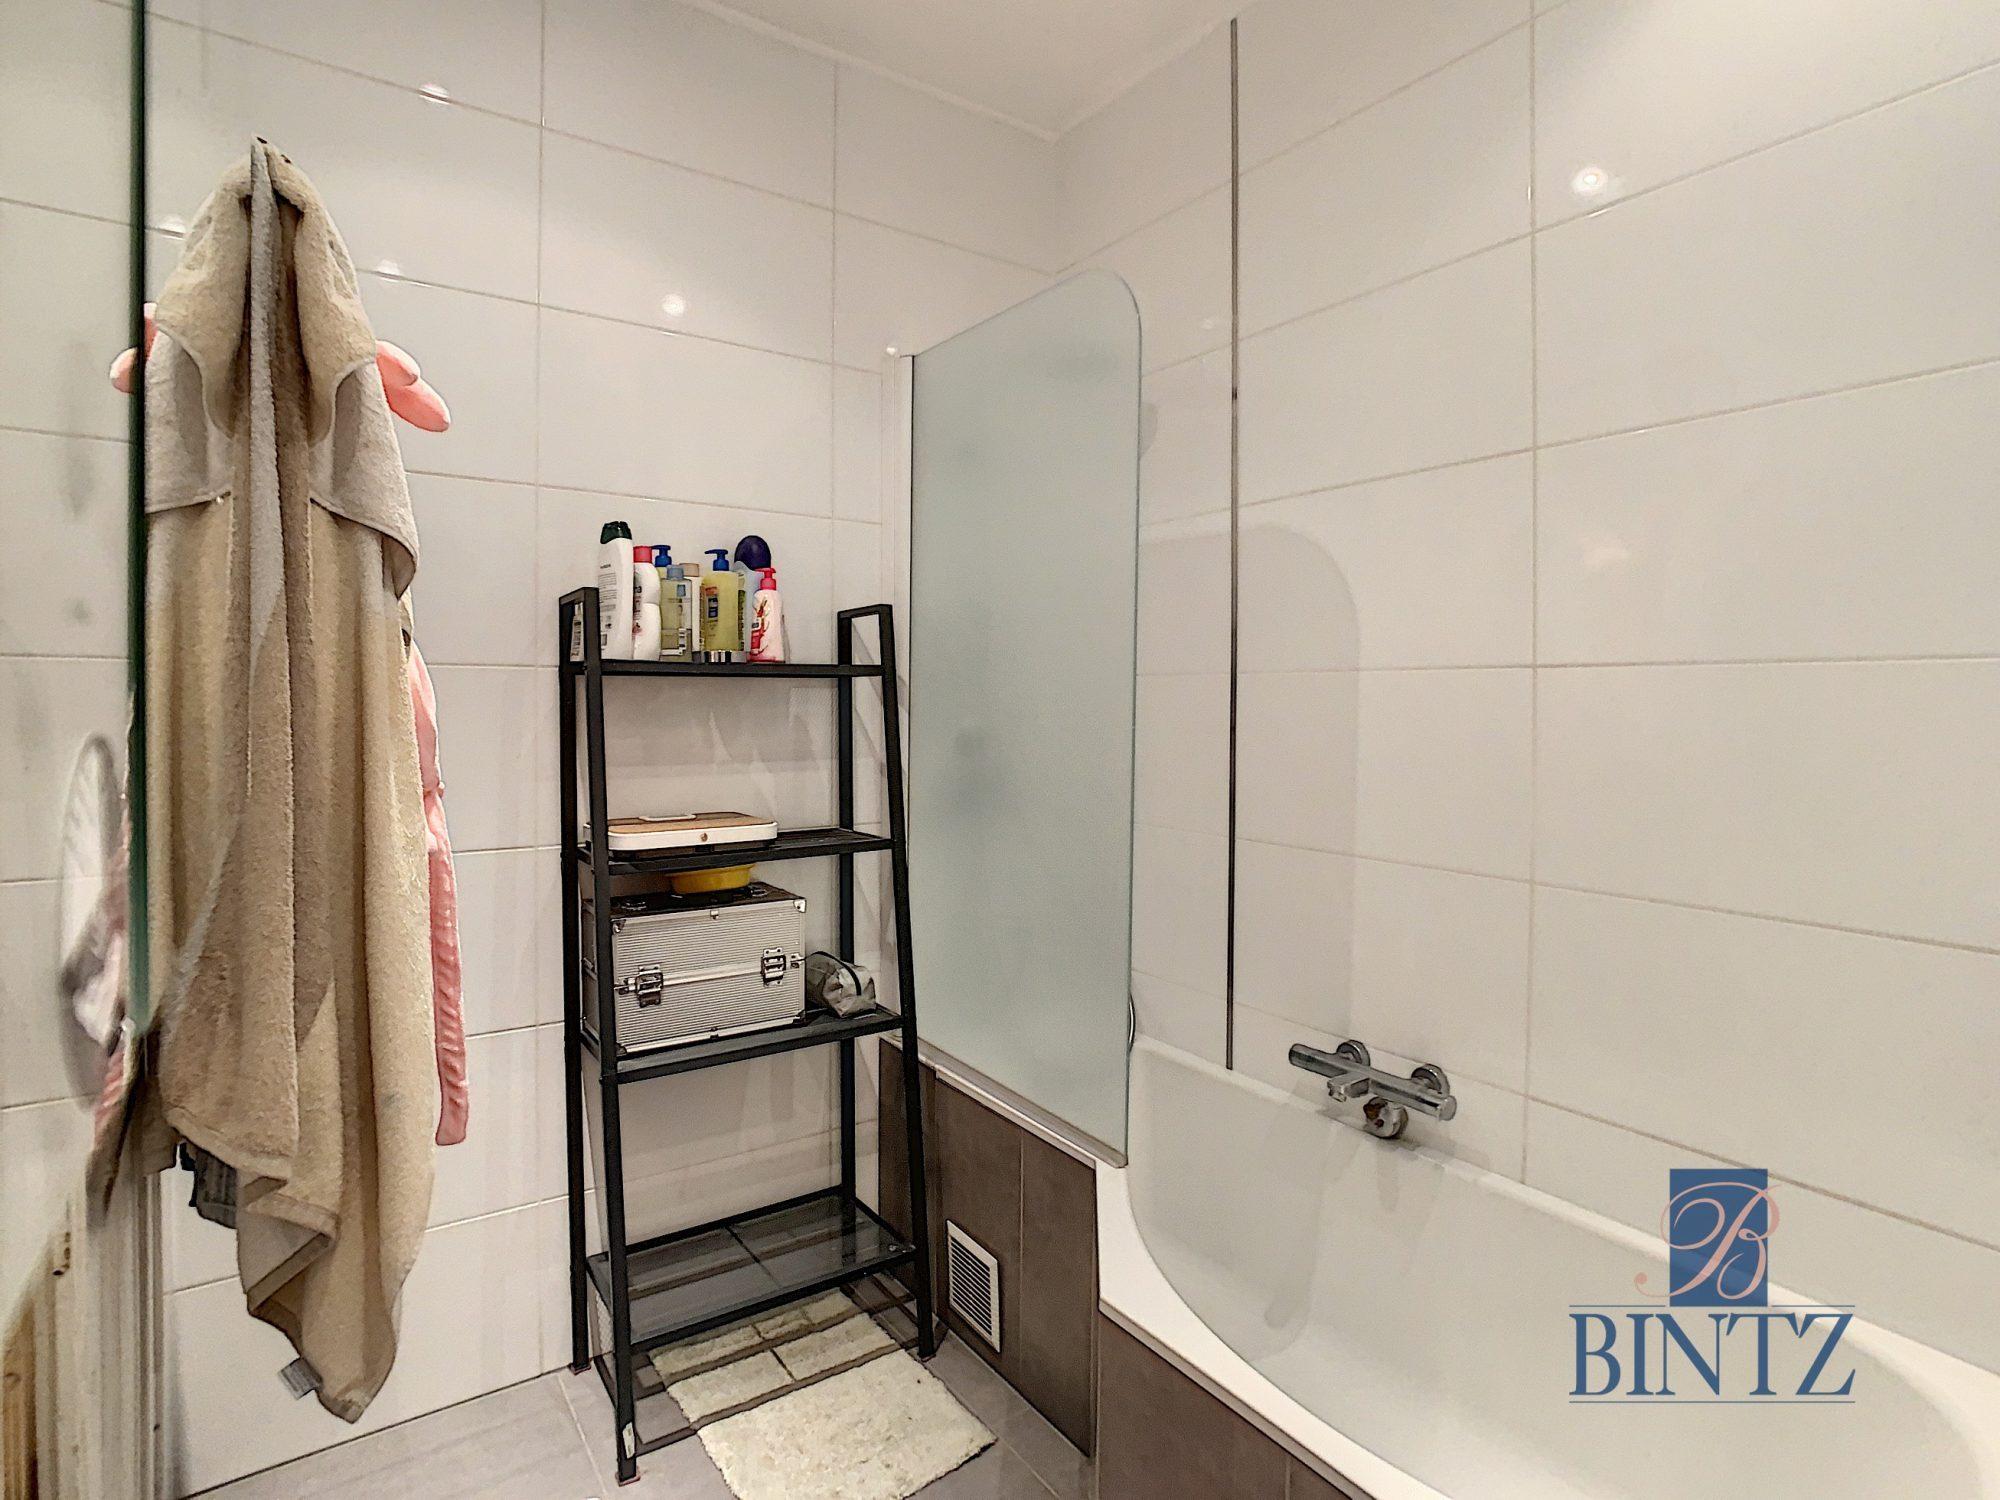 Appartement 3/4 pièces dans le quartier de la Neustadt - Devenez propriétaire en toute confiance - Bintz Immobilier - 8